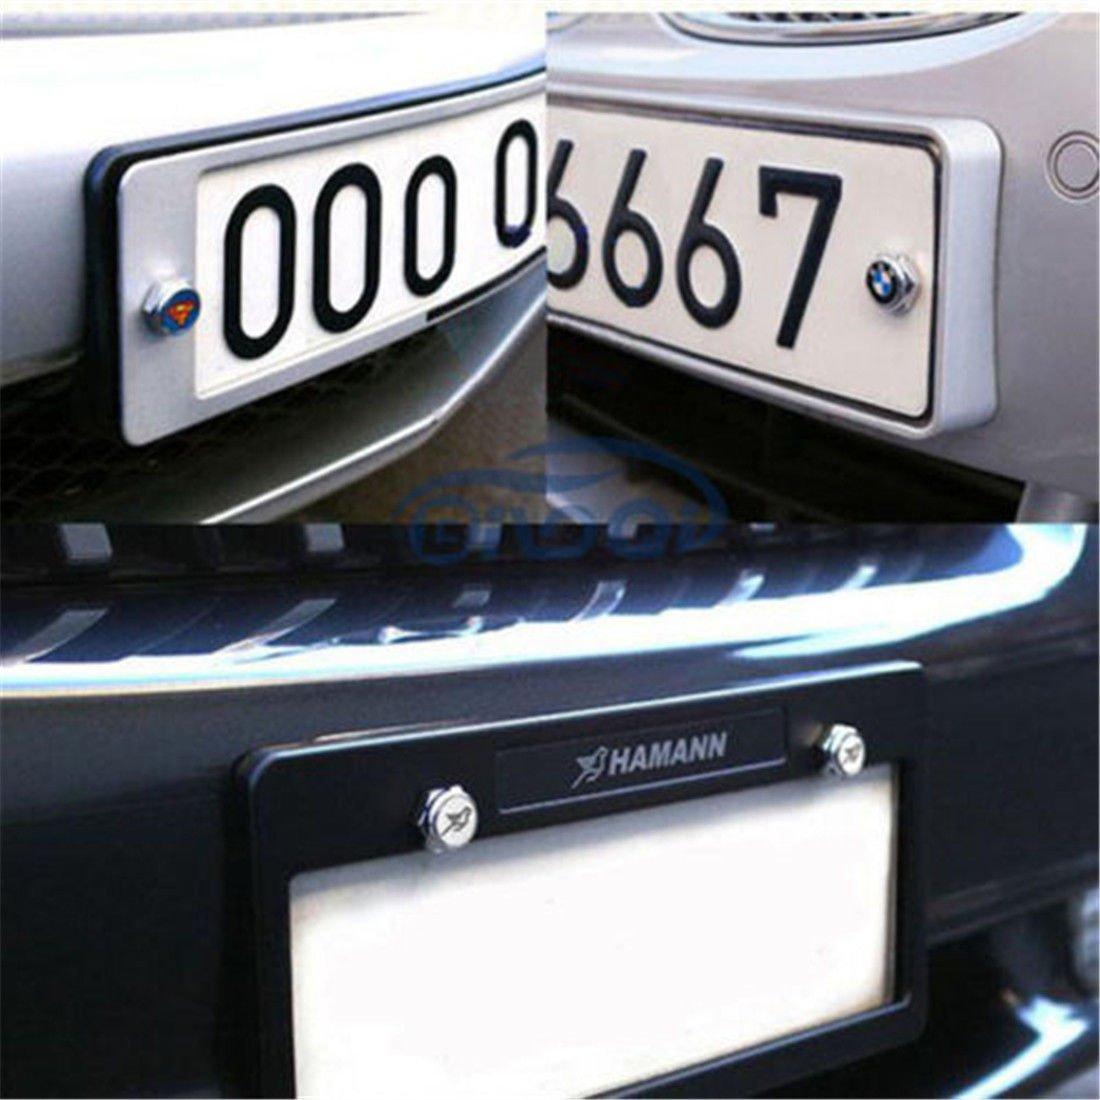 cubierta para el logotipo de TRD marco de tornillos Bestmay Free Env/ío 4 piezas para matr/ícula de coche